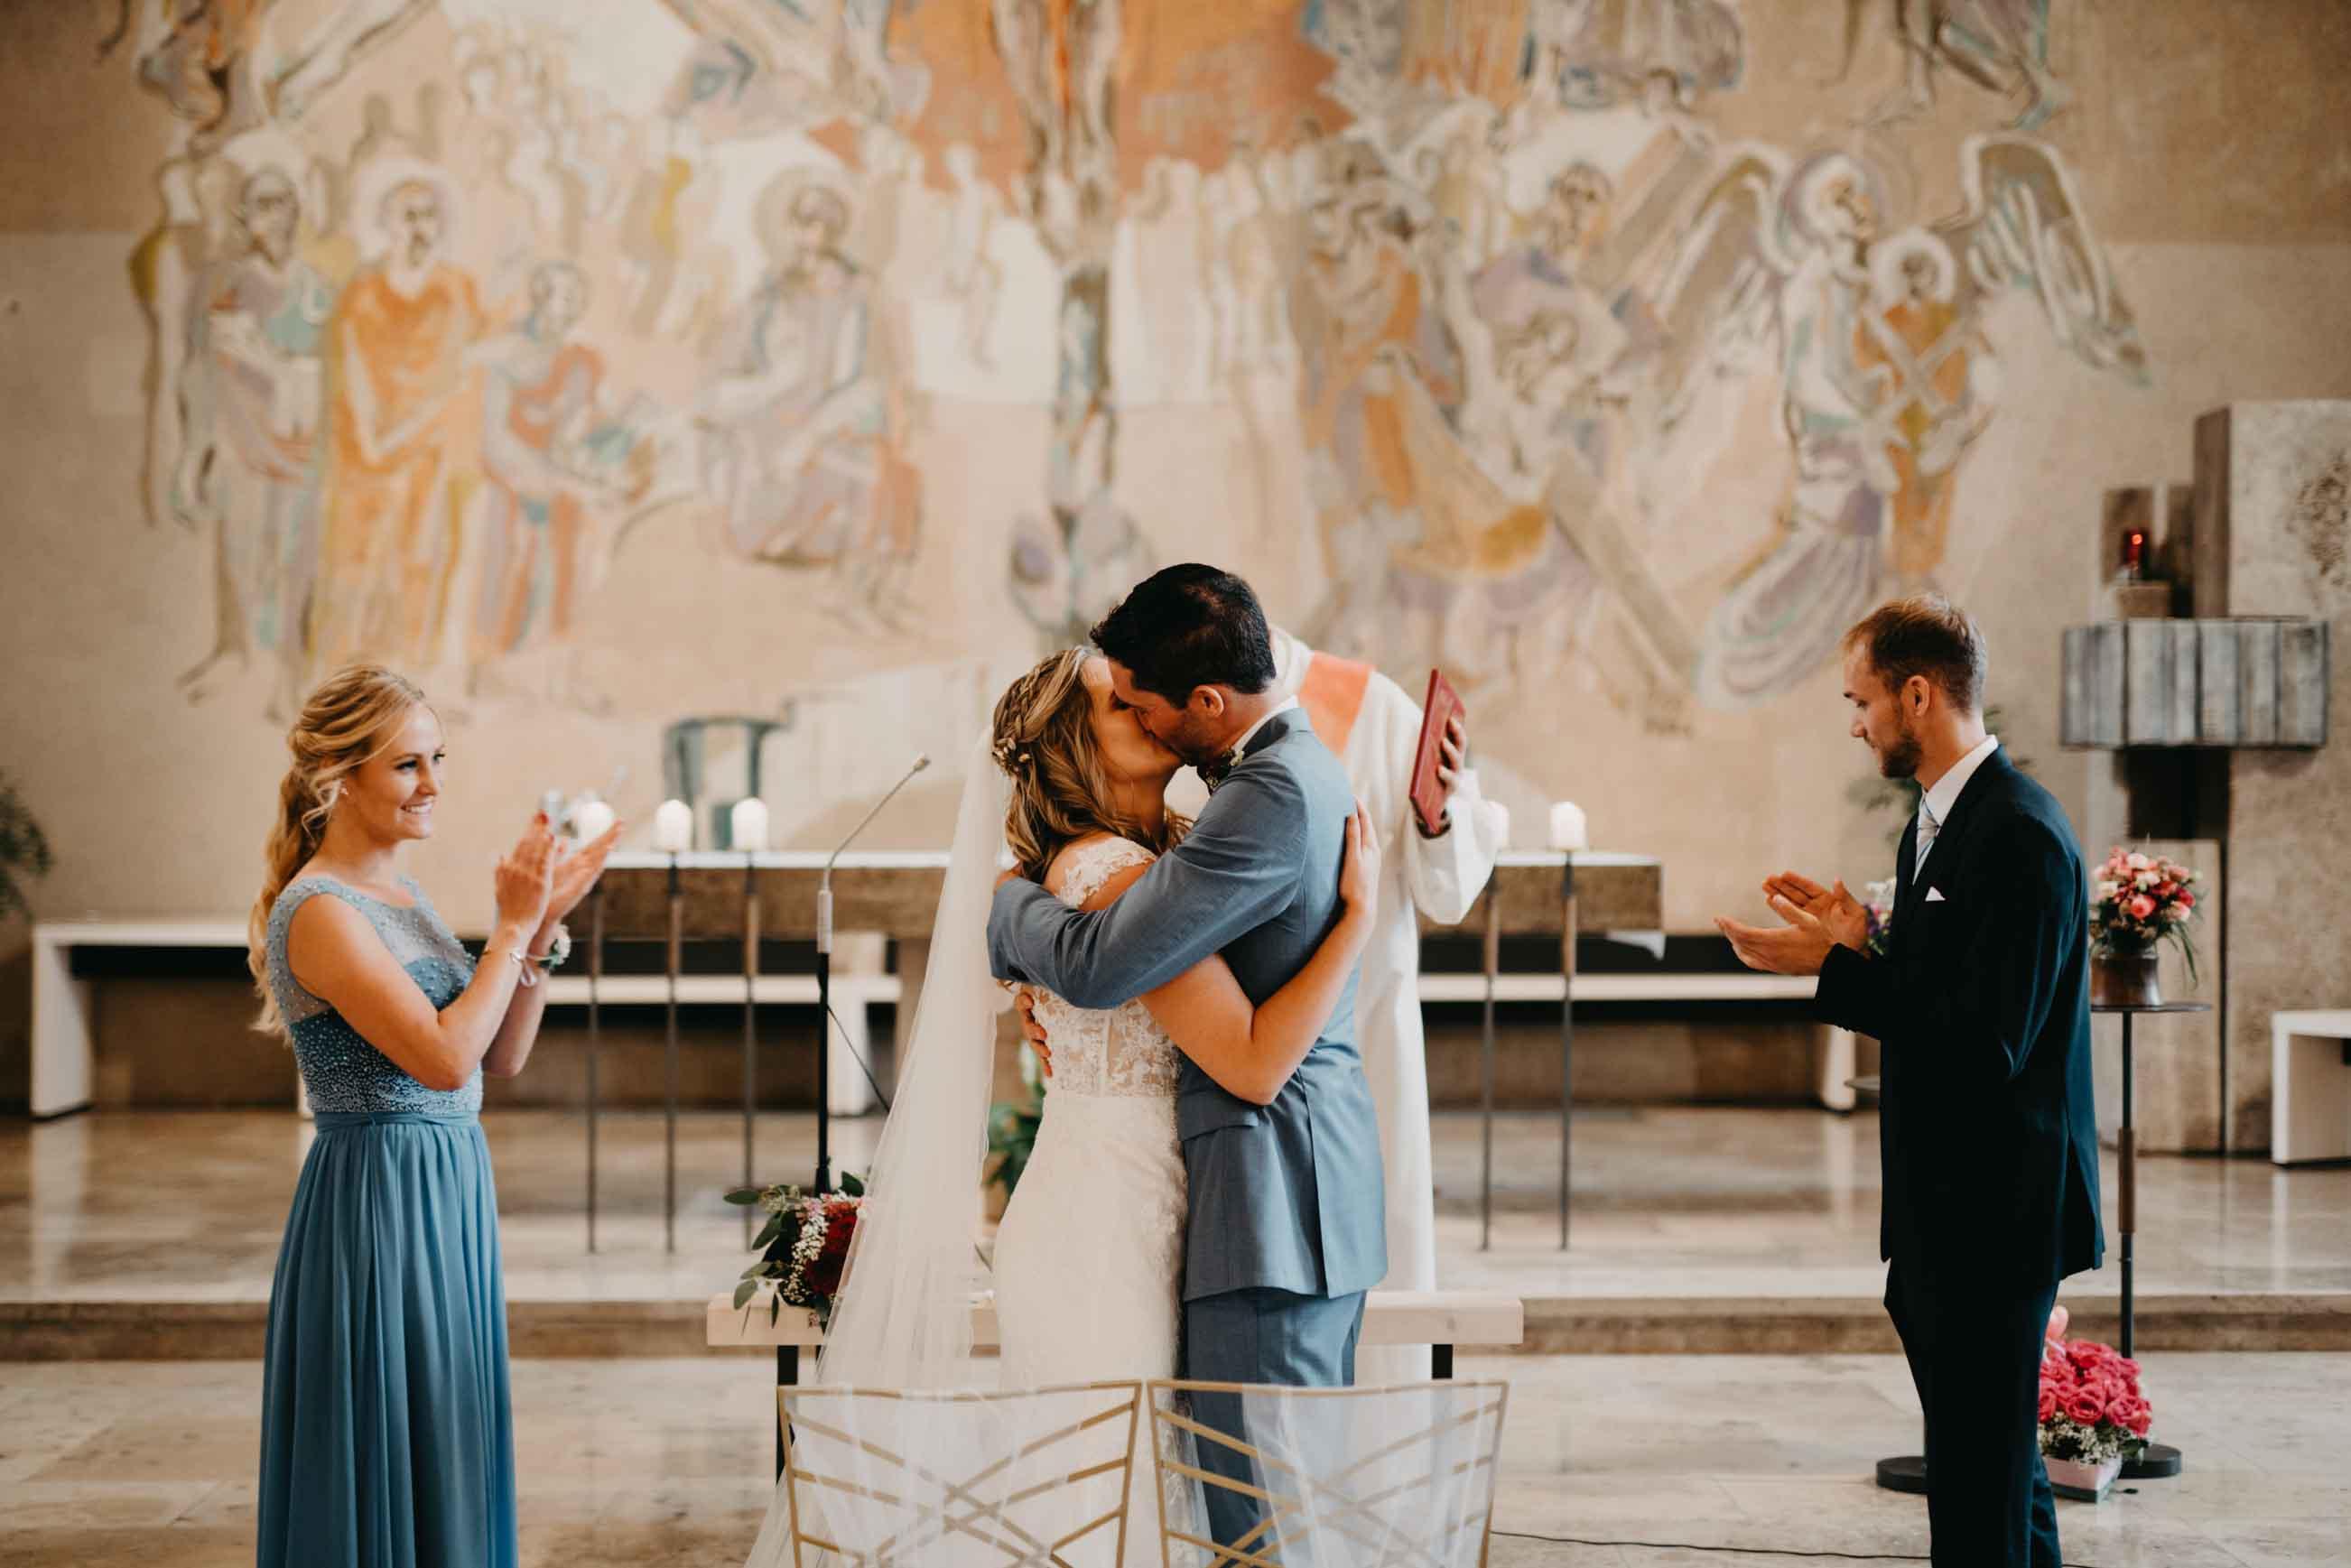 Das Brautpaar fällt sich nach dem Ja-Wort in die Arme.